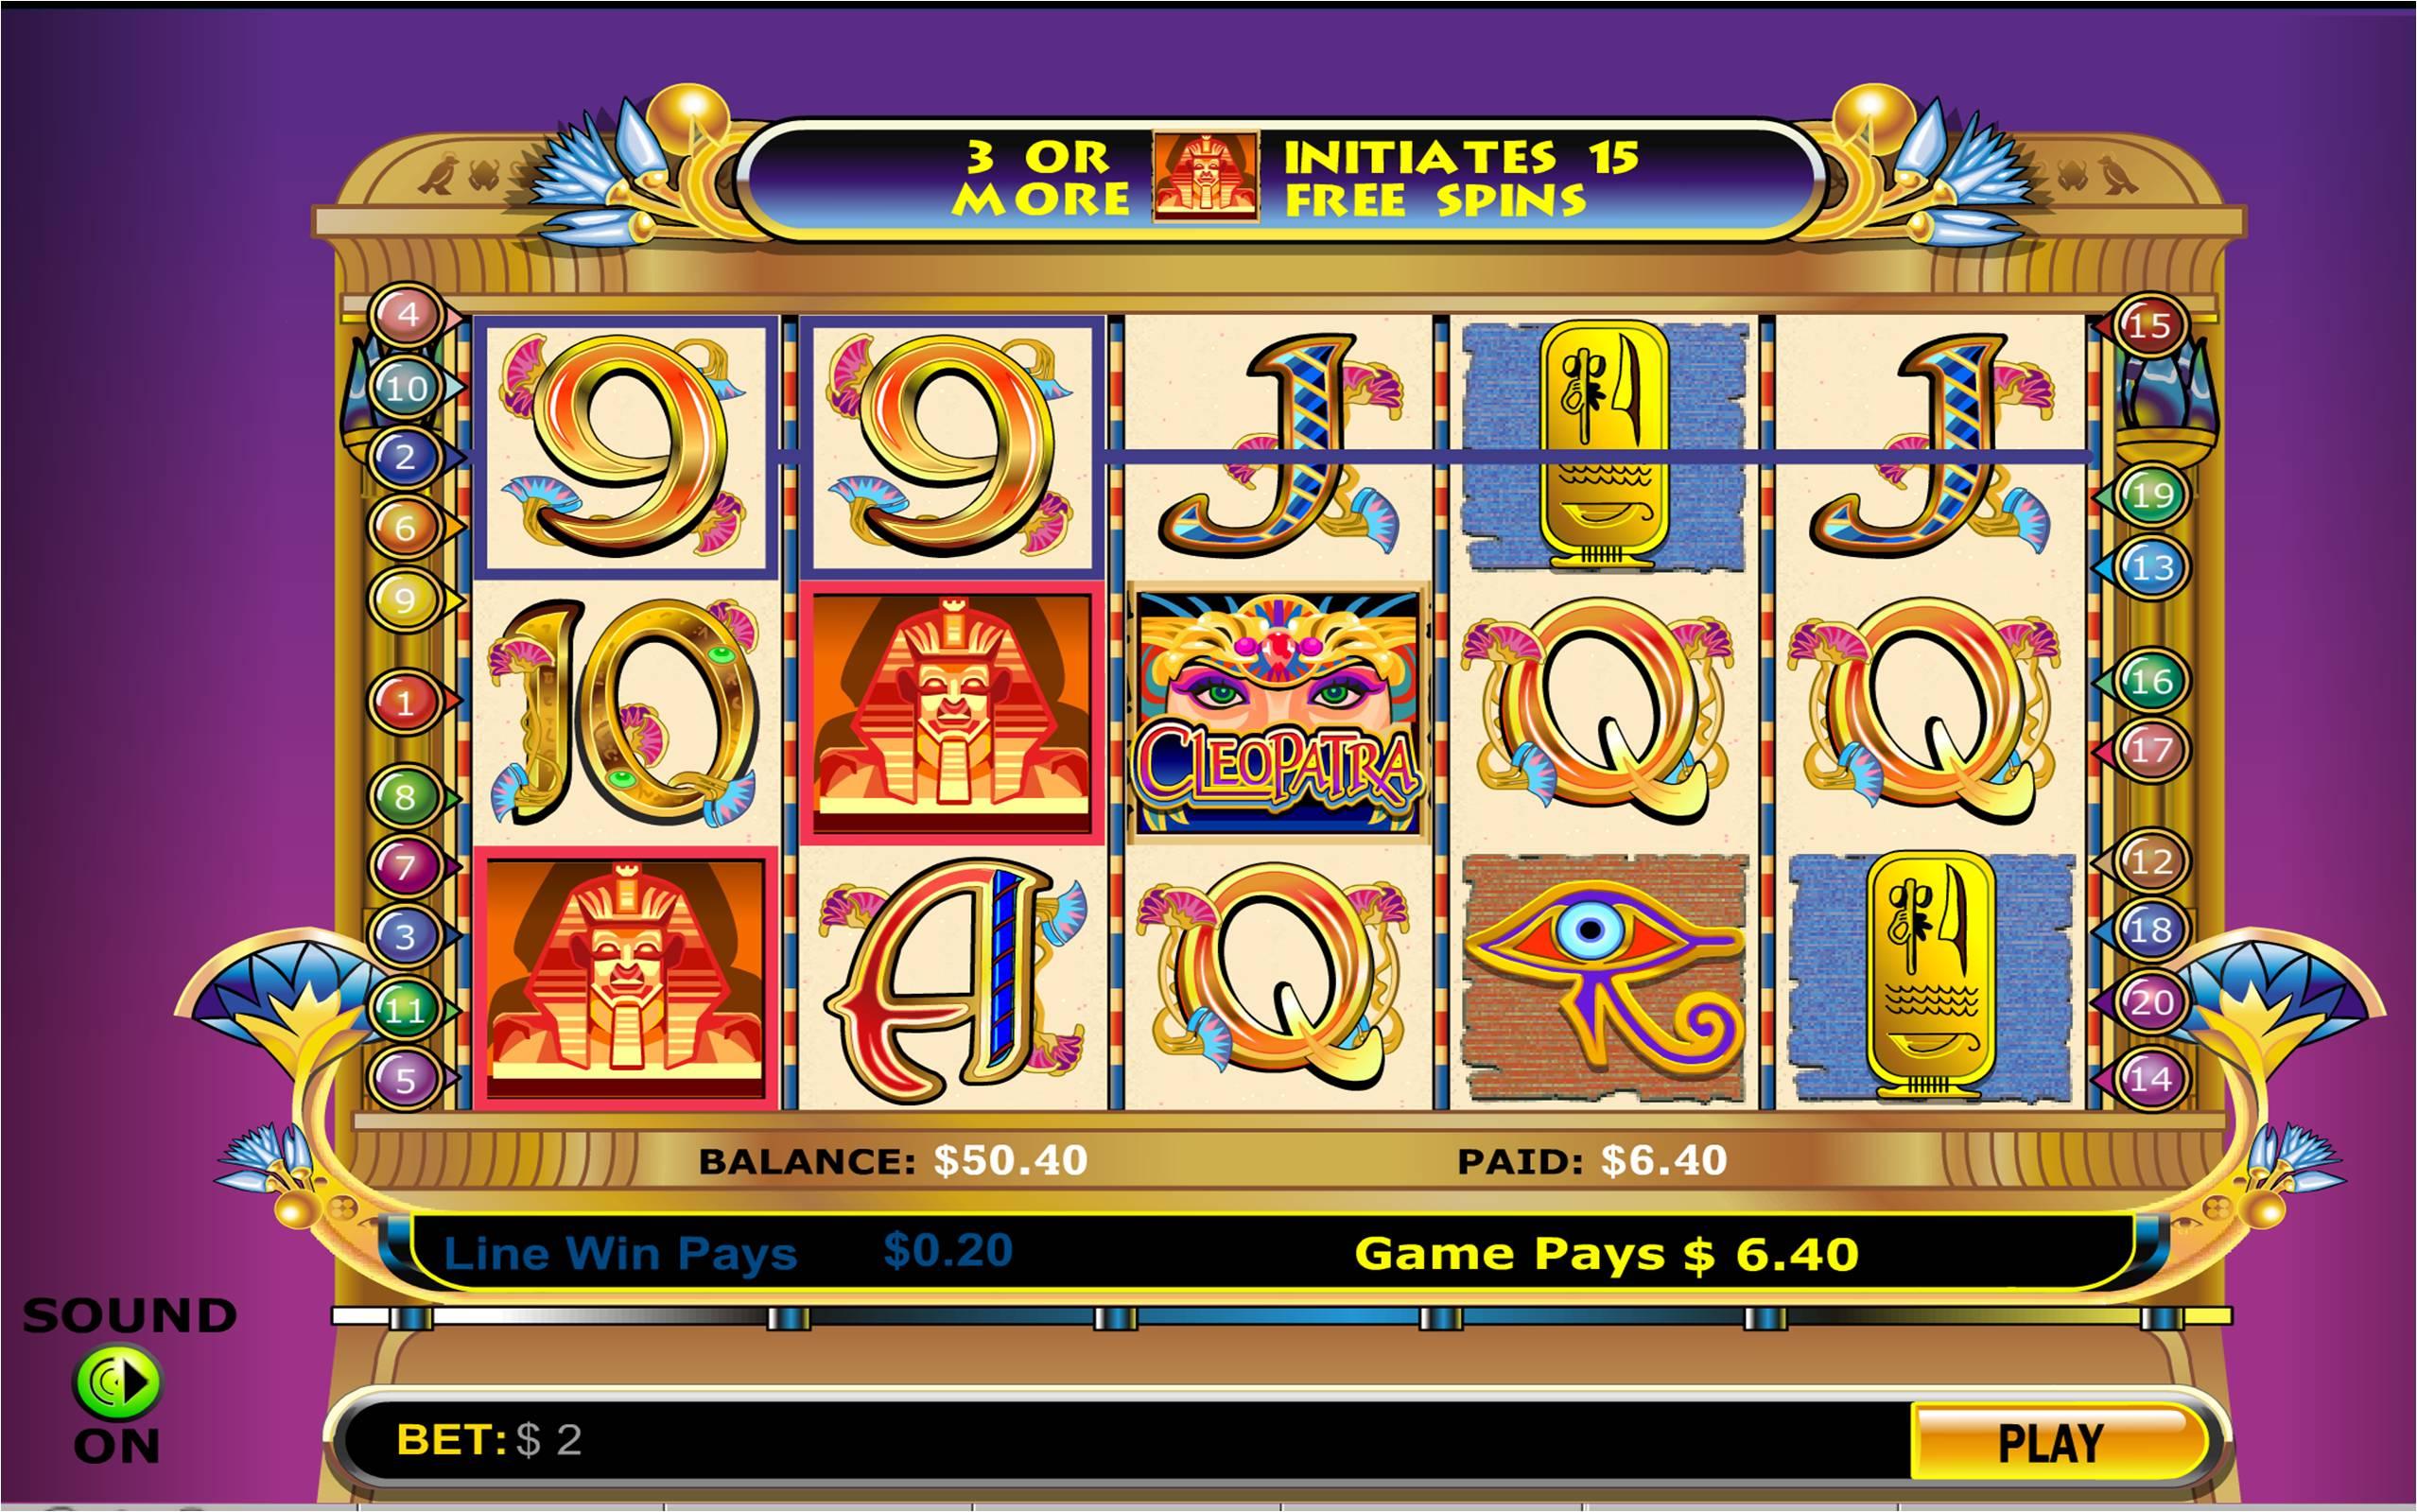 Tragamonedas cleopatra 2 métodos de pago casino Circus es-466491